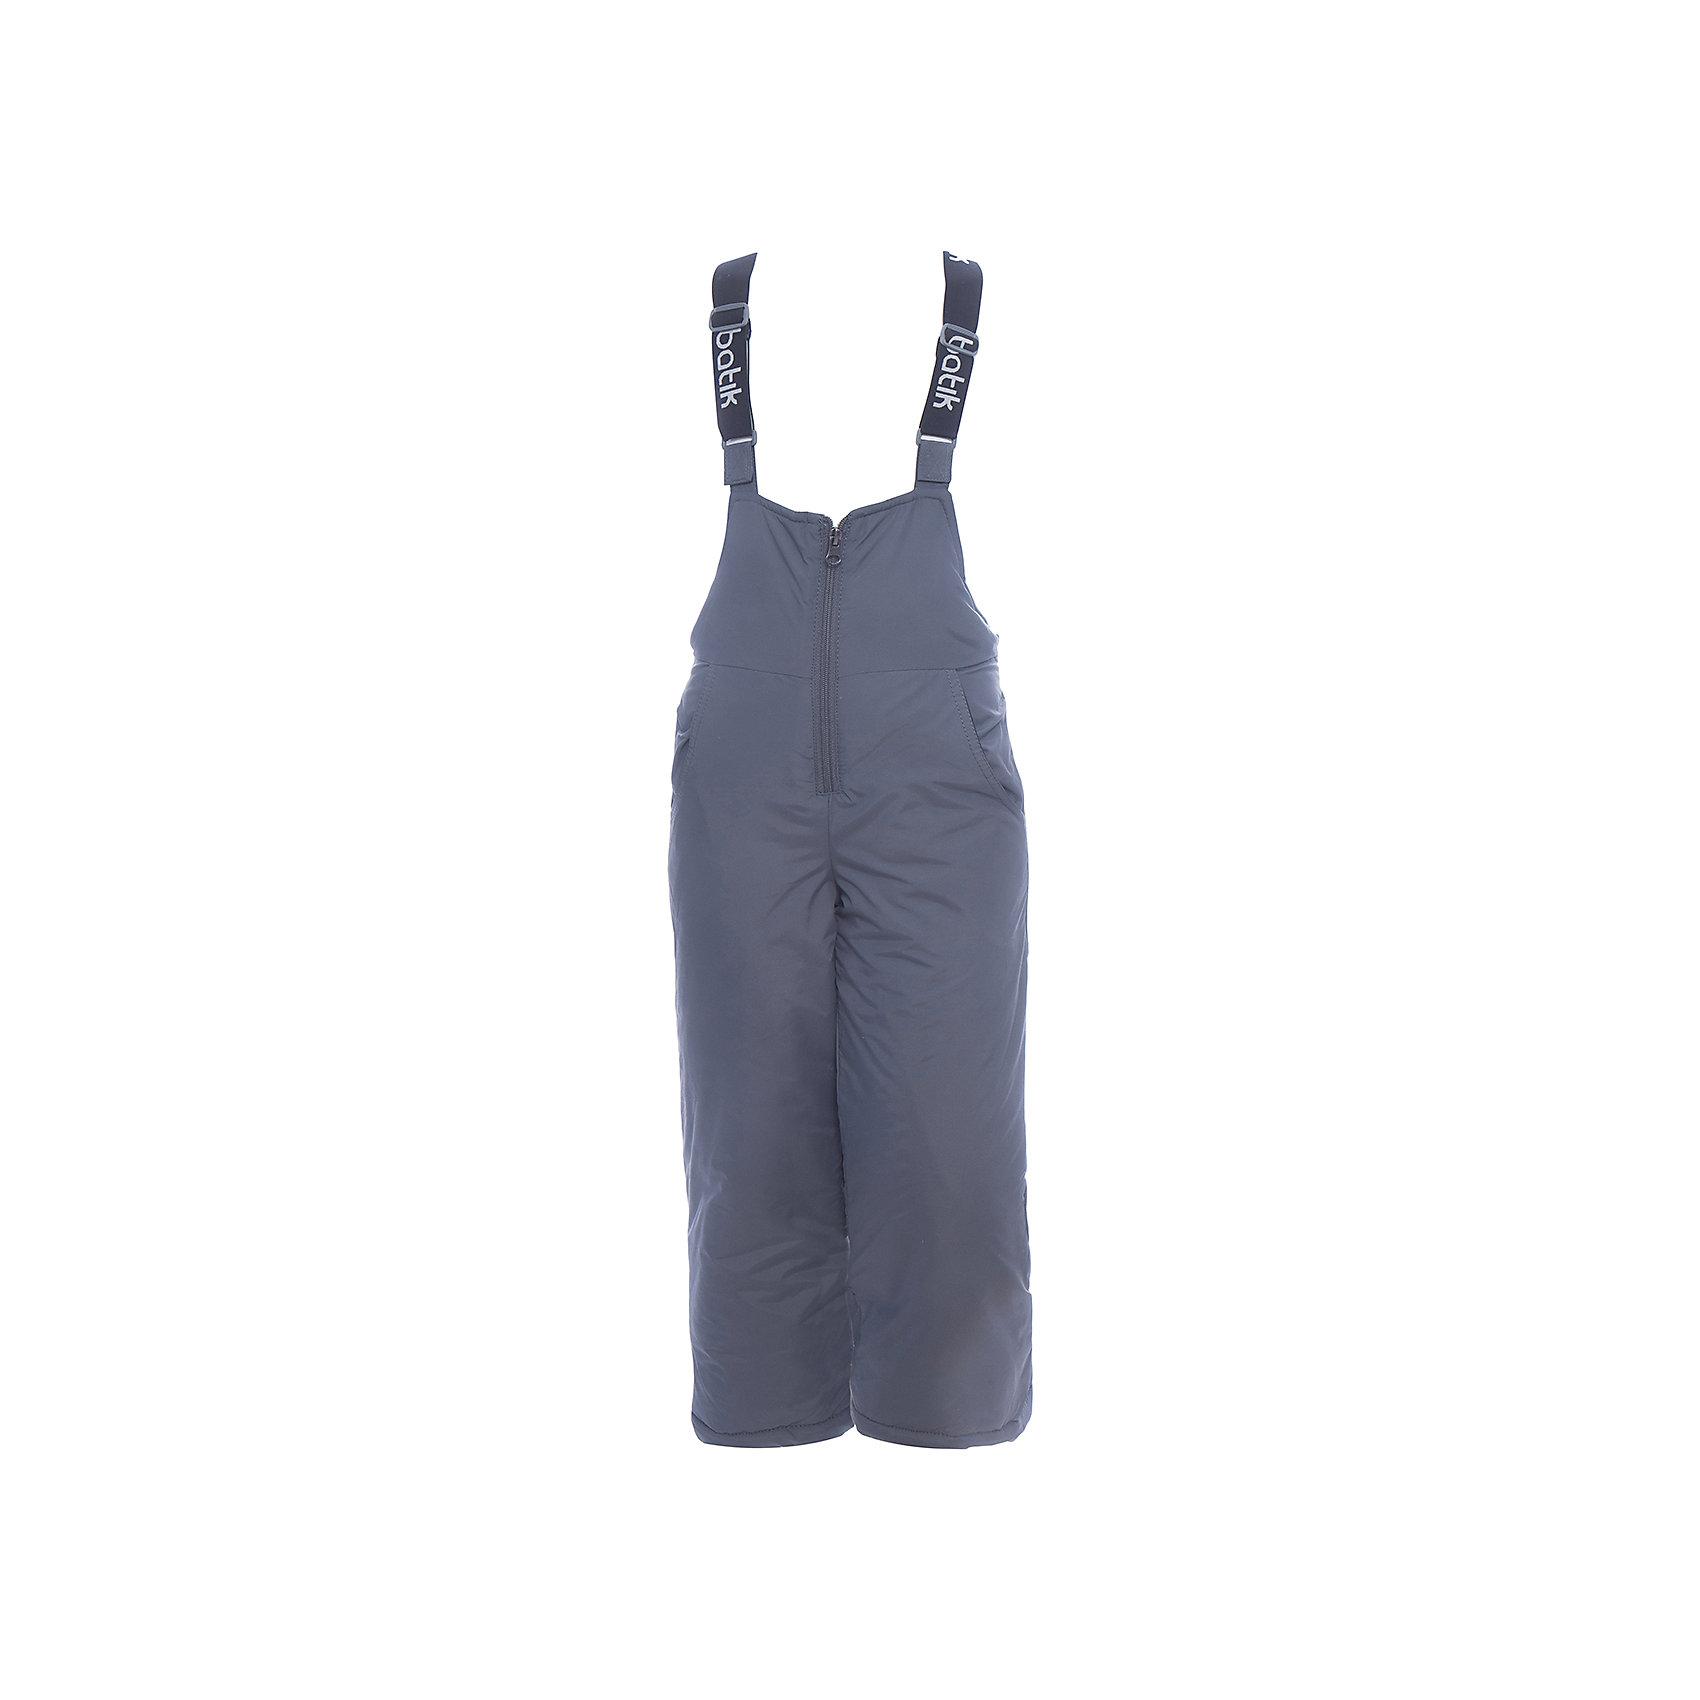 Полукомбинезон Вспышка Batik для мальчикаВерхняя одежда<br>Характеристики товара:<br><br>• цвет: графит<br>• состав ткани: таслан<br>• подкладка: полиэстер<br>• утеплитель: слайтекс<br>• сезон: зима<br>• мембранное покрытие<br>• температурный режим: от -35 до 0<br>• водонепроницаемость: 5000 мм <br>• паропроницаемость: 5000 г/м2<br>• плотность утеплителя: 200 г/м2<br>• застежка: молния<br>• лямки регулируются<br>• страна бренда: Россия<br>• страна изготовитель: Россия<br><br>Детский полукомбинезон сделан легкого, качественного и теплого материала. Теплый полукомбинезон для ребенка отличается стильным дизайном, разработанным специально для детей. Этот детский полукомбинезон дополнен регулирующимися лямками. Зимний мембранный полукомбинезон для мальчика легко чистится и долго служит. <br><br>Полукомбинезон Вспышка Batik (Батик) для мальчика можно купить в нашем интернет-магазине.<br><br>Ширина мм: 215<br>Глубина мм: 88<br>Высота мм: 191<br>Вес г: 336<br>Цвет: серый<br>Возраст от месяцев: 96<br>Возраст до месяцев: 108<br>Пол: Мужской<br>Возраст: Детский<br>Размер: 134,140,98,104,110,116,122,128<br>SKU: 7028531